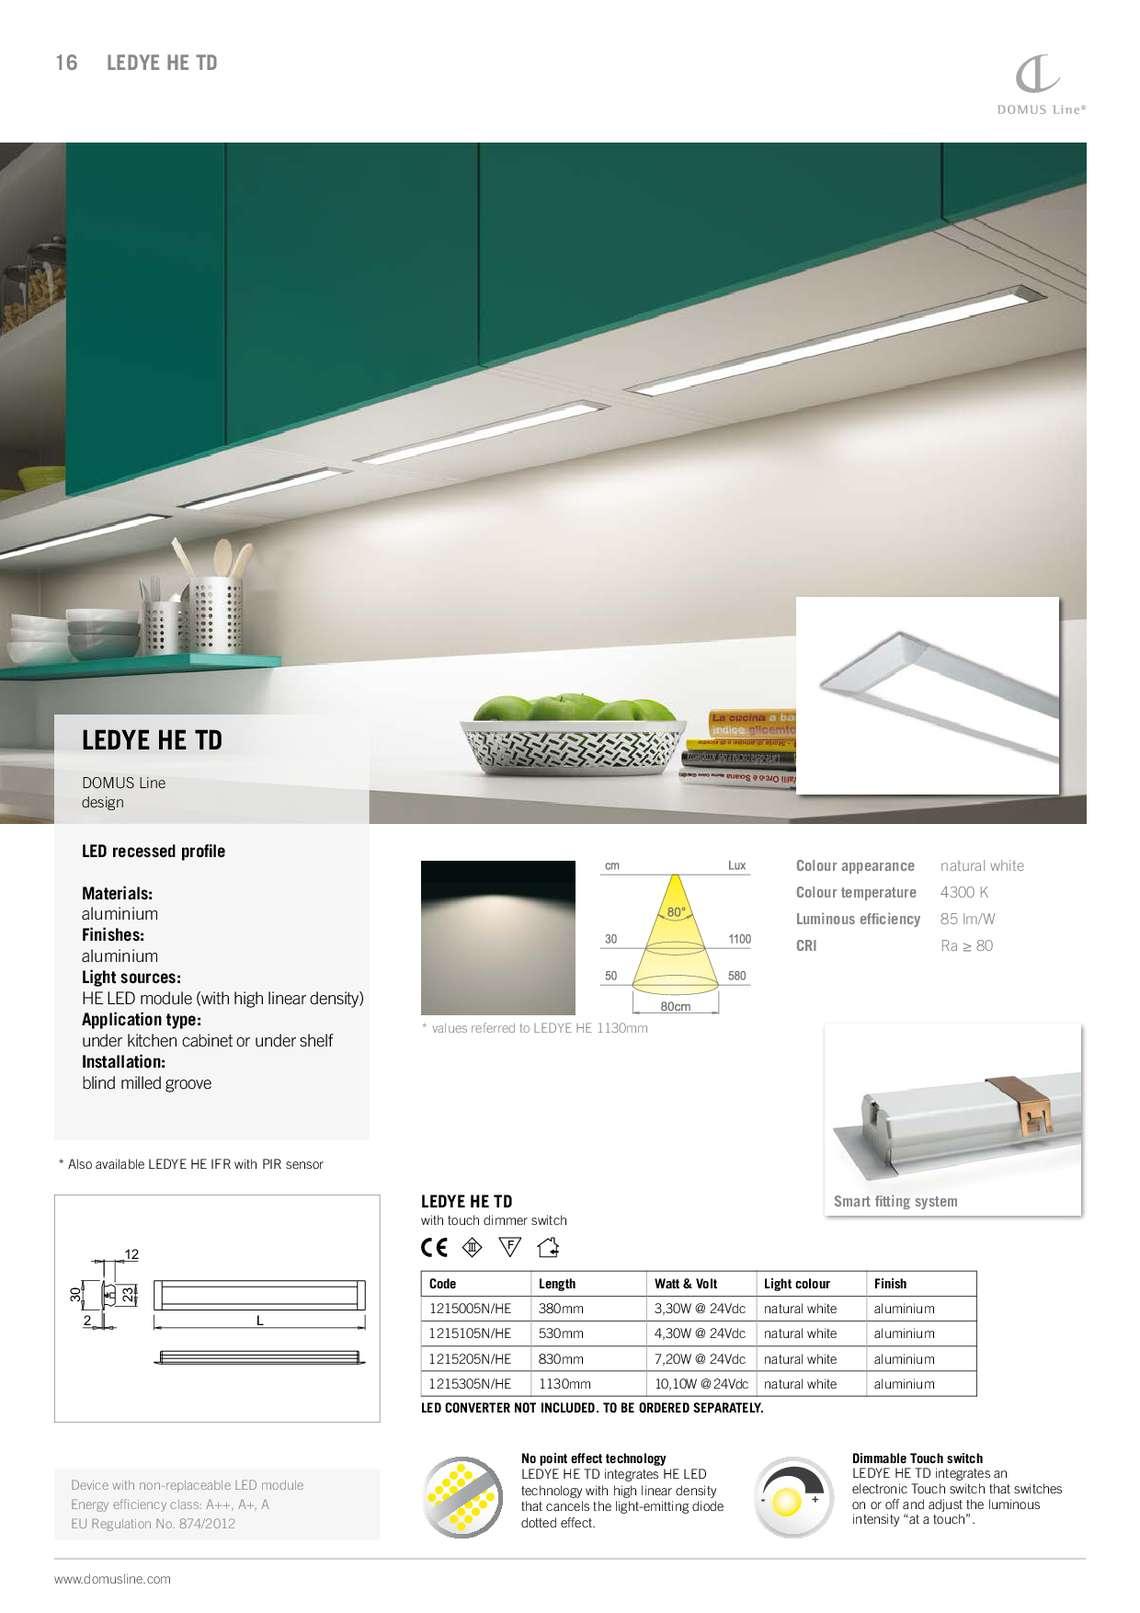 domus-line-top-seller_27_017.jpg